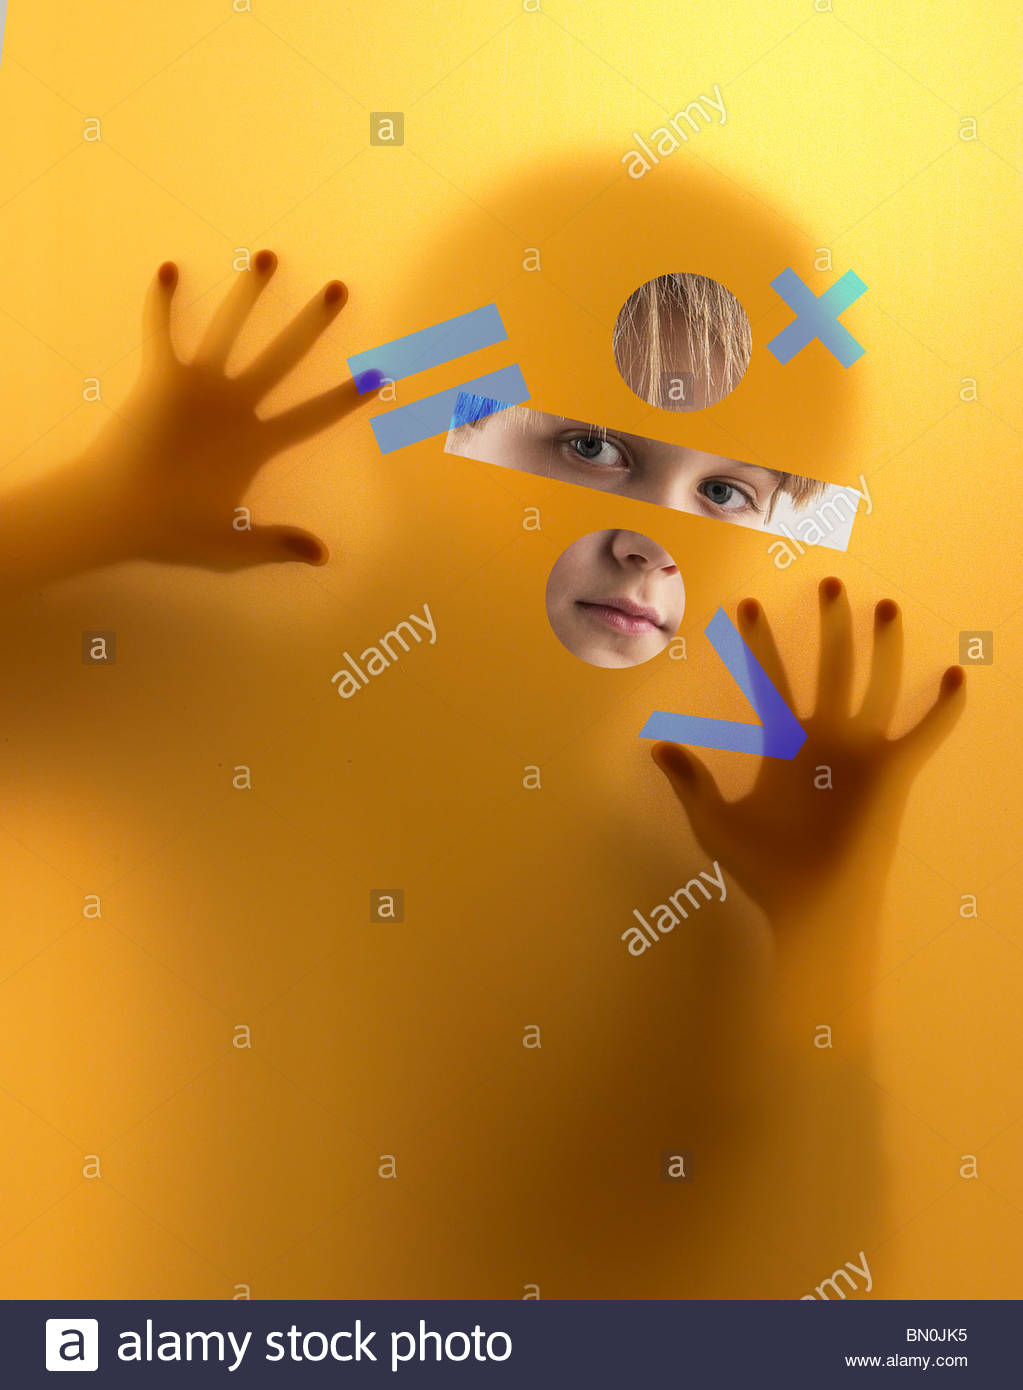 Un garçon de ses pairs par un écran recouvert de symboles mathématiques Photo Stock